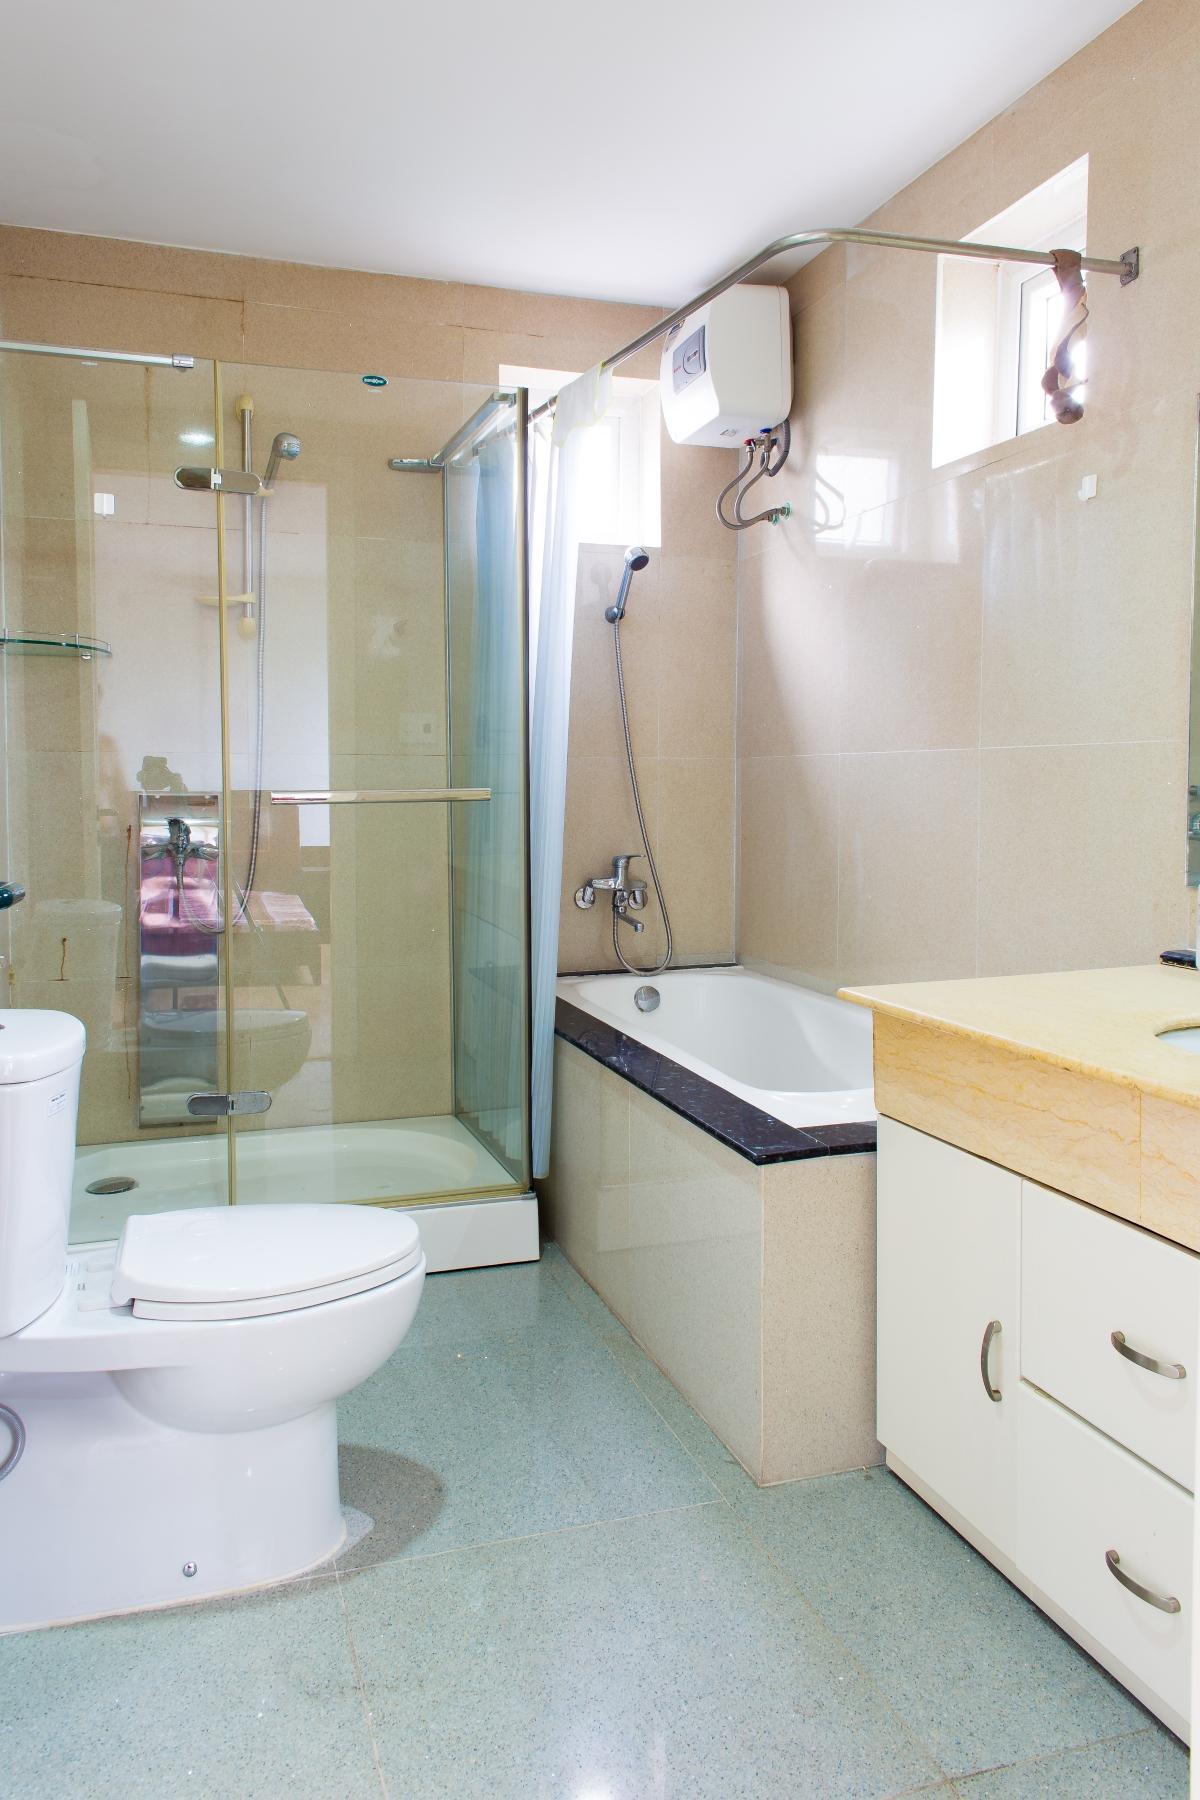 Phòng tắm Villa đường số 14 Fideco Thảo Điền Quận 2